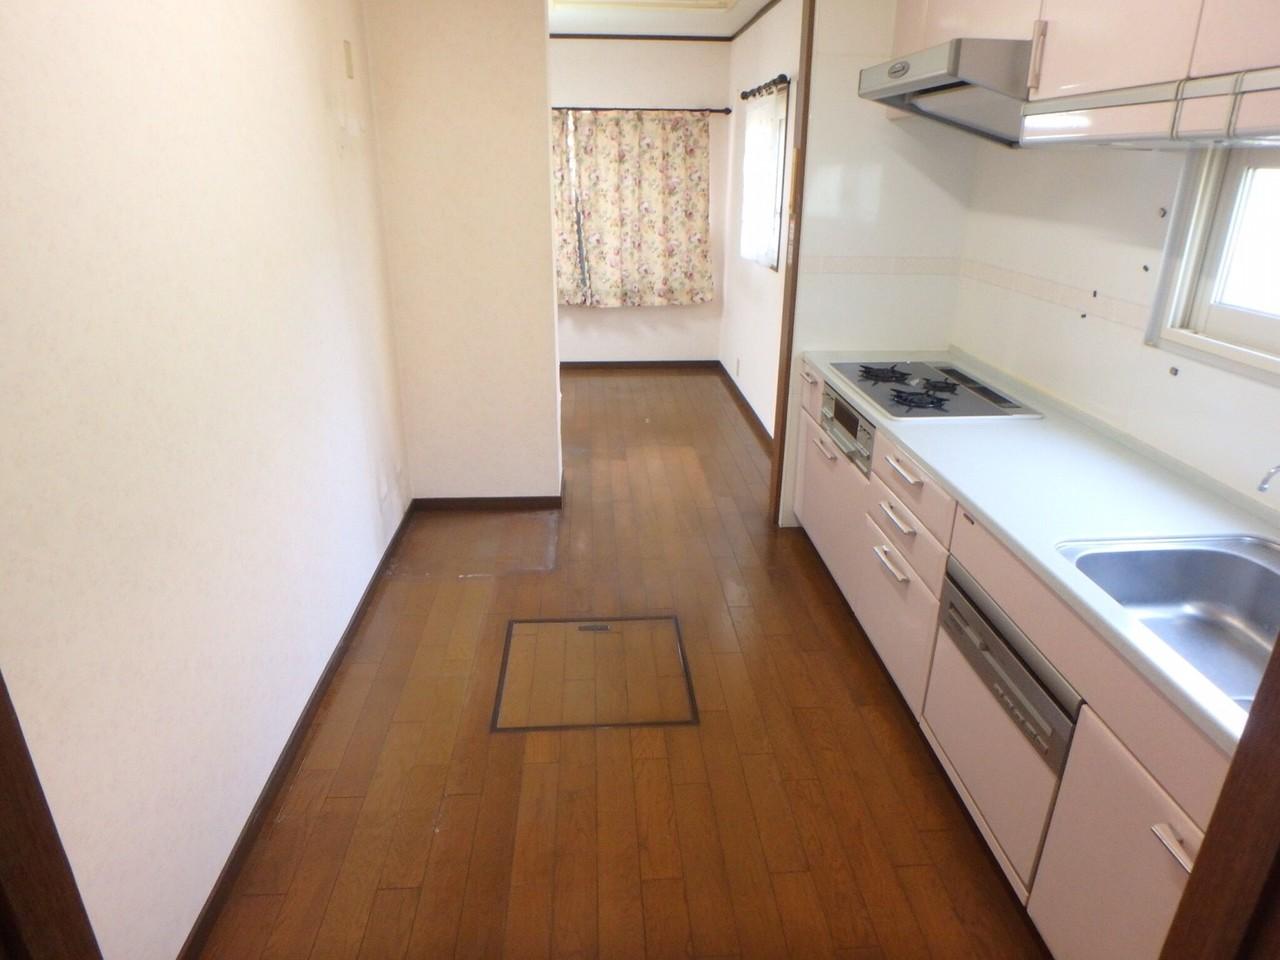 LDKの北側にキッチンがあります。 扉で仕切られていないので、リビングにいるご家族の声を感じながら家事ができますね。 来客に家事スペースを見られないですむのも、この間取りの良さだと思います。